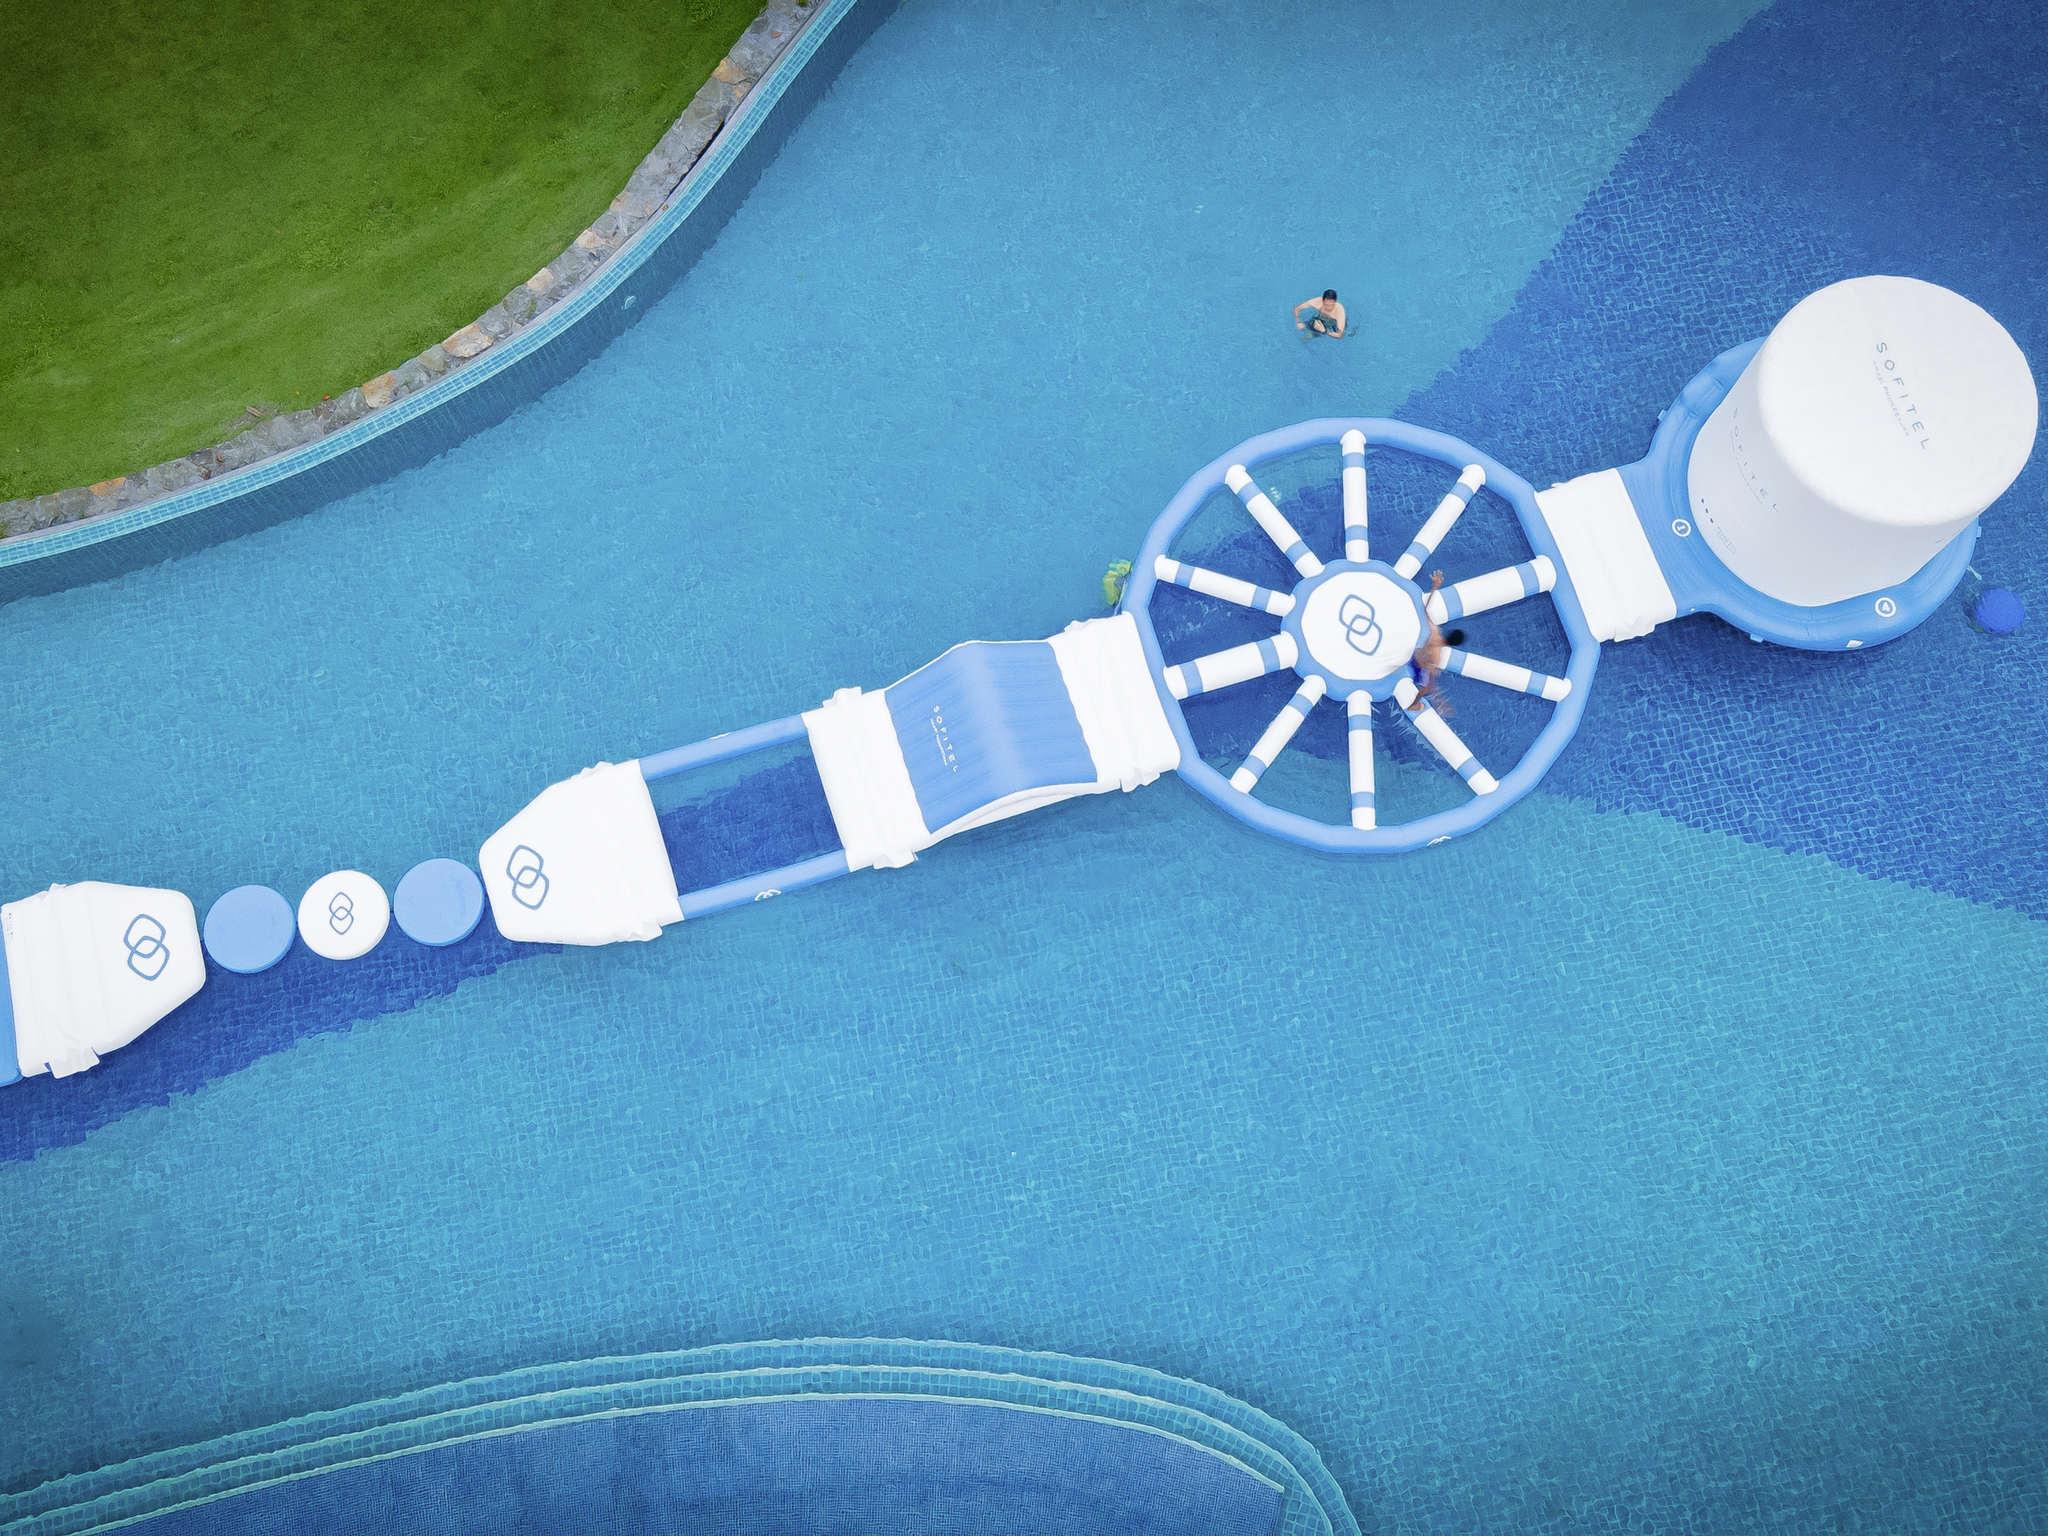 Sofitel Krabi Phokeethra Golf And Spa Resort Ho